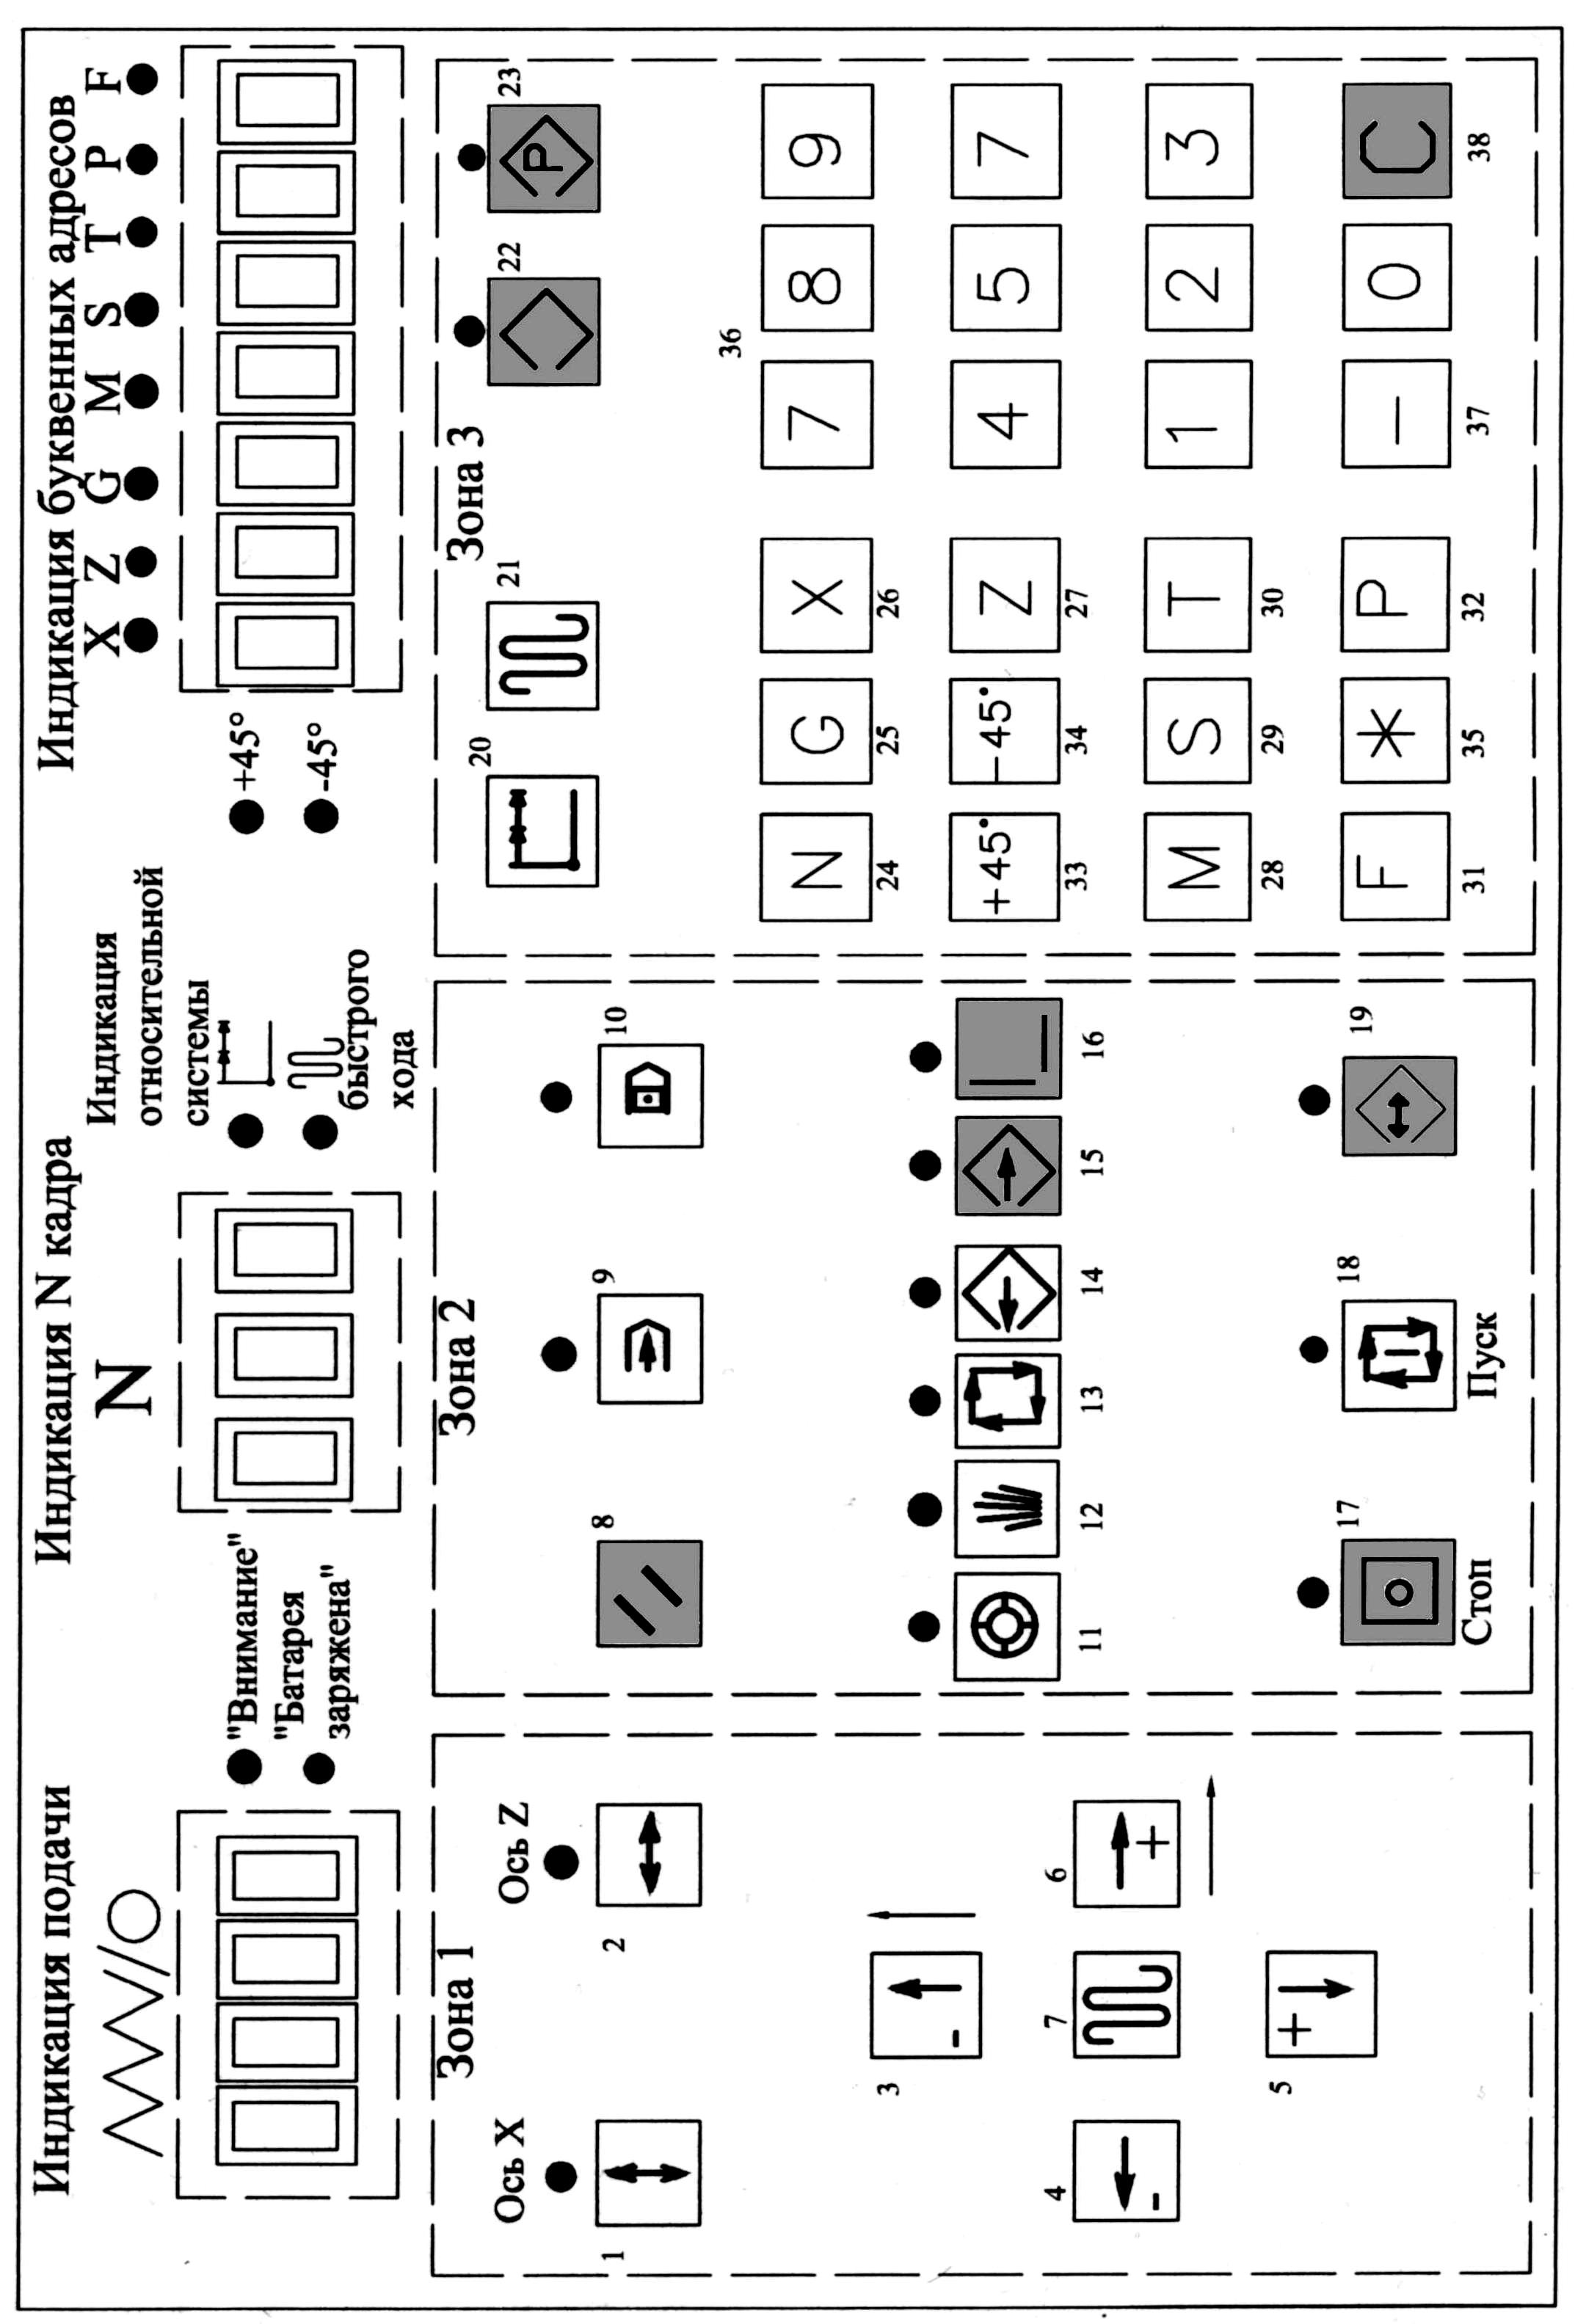 Нц «институт метрологии» — википедия. что такое нц «институт метрологии»